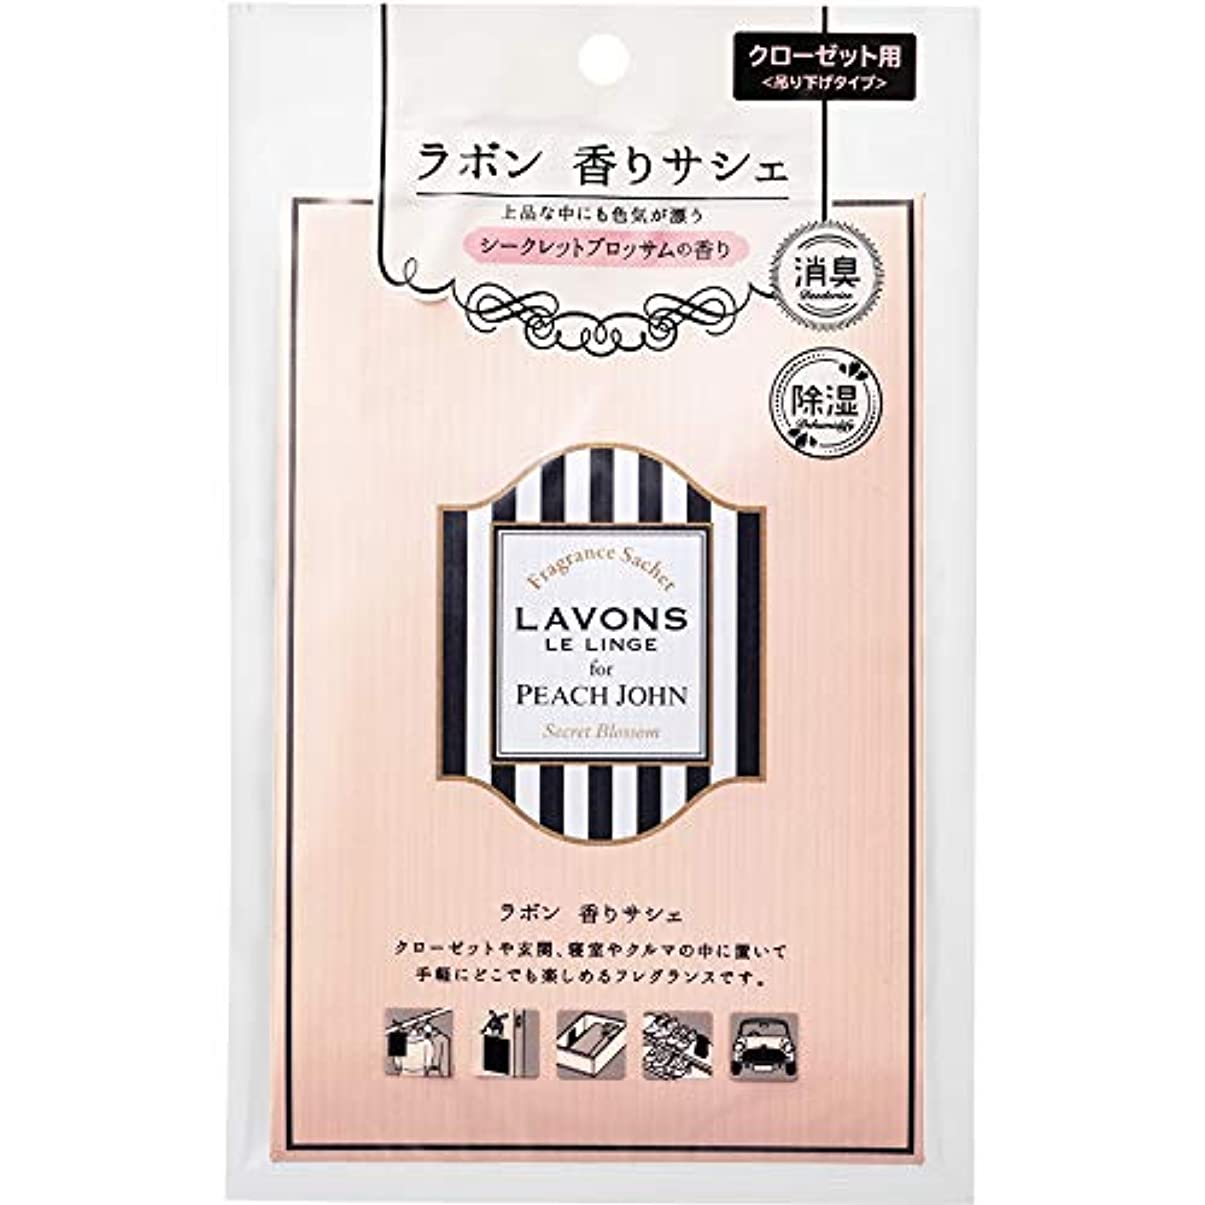 北毛布意義ラボン for PEACH JOHN 香りサシェ (香り袋) シークレットブロッサムの香り 20g